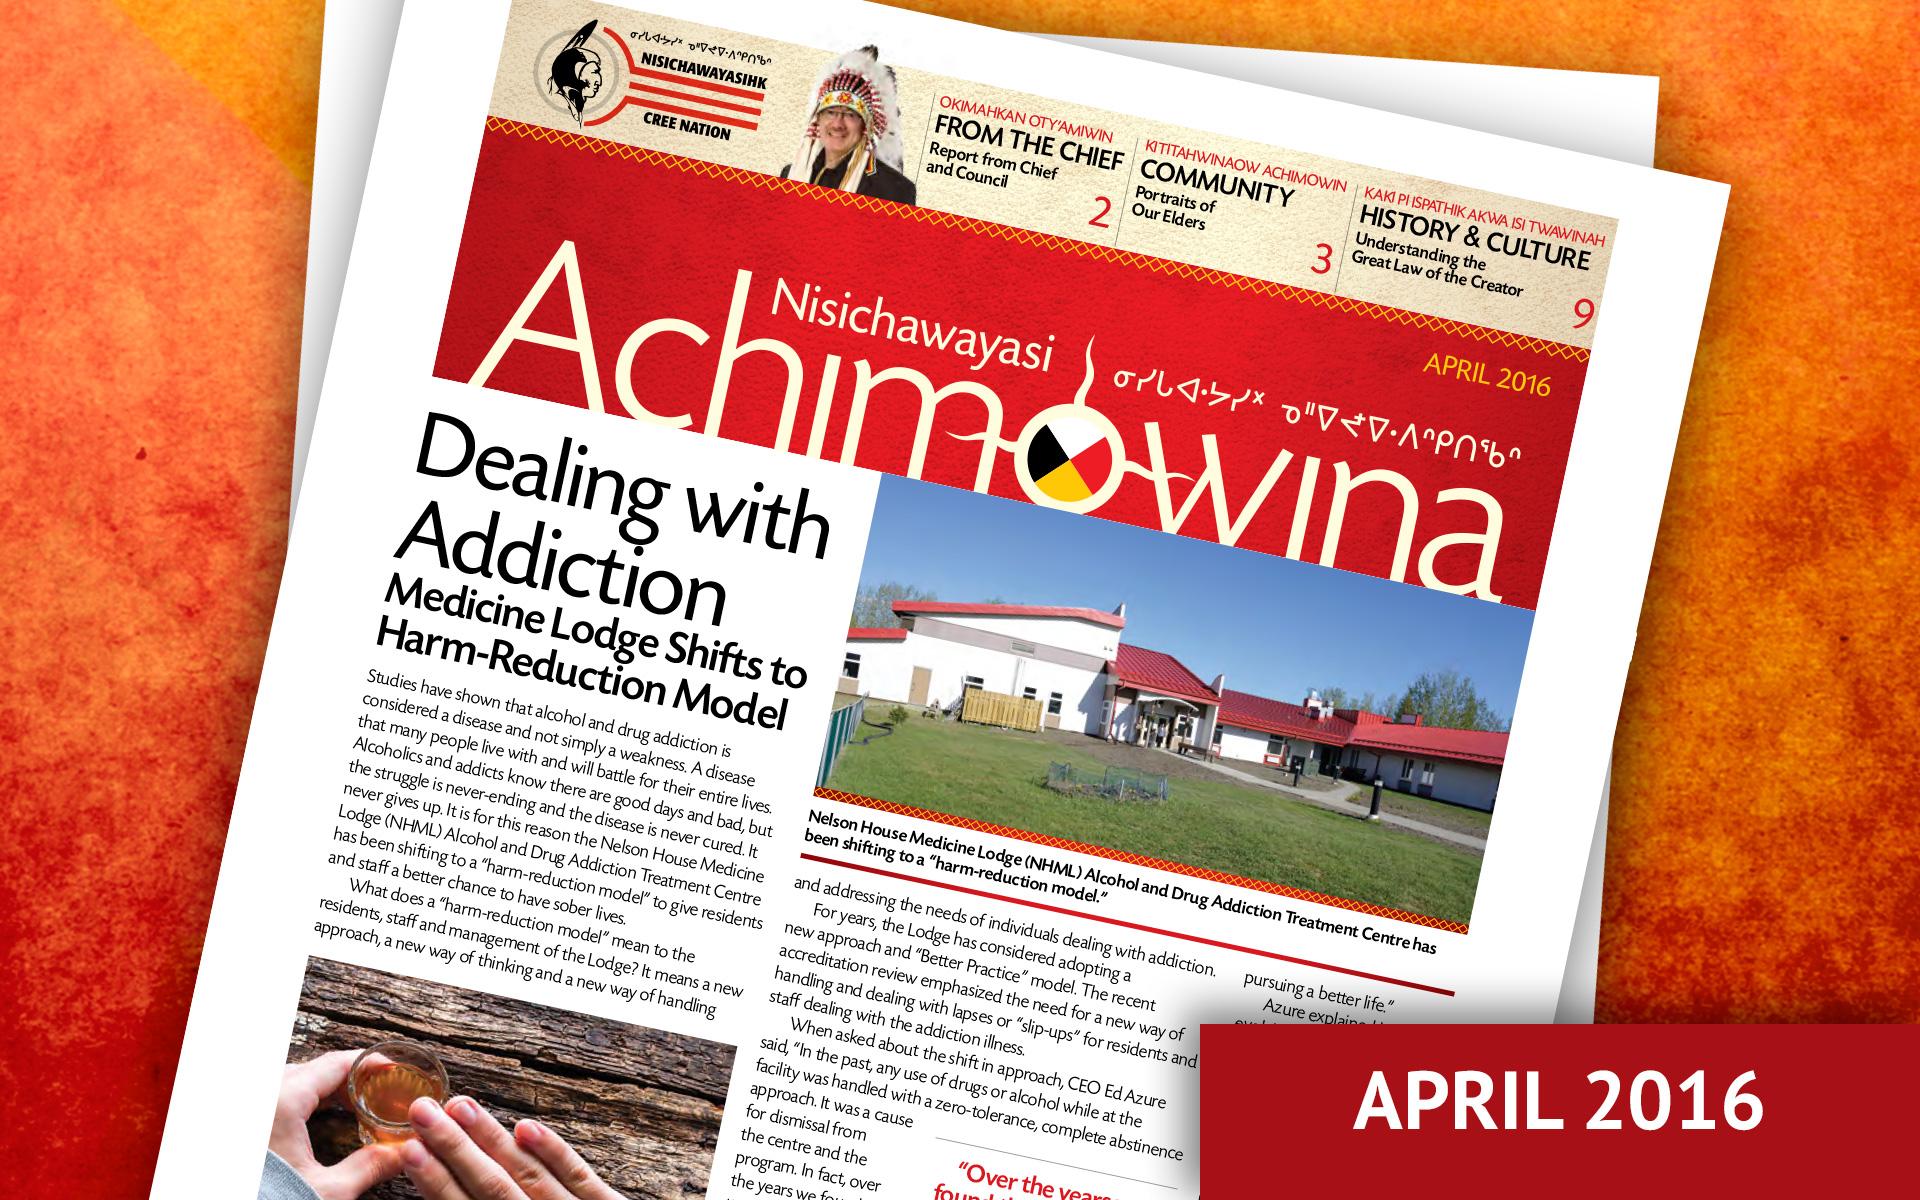 Achimowina April 2016